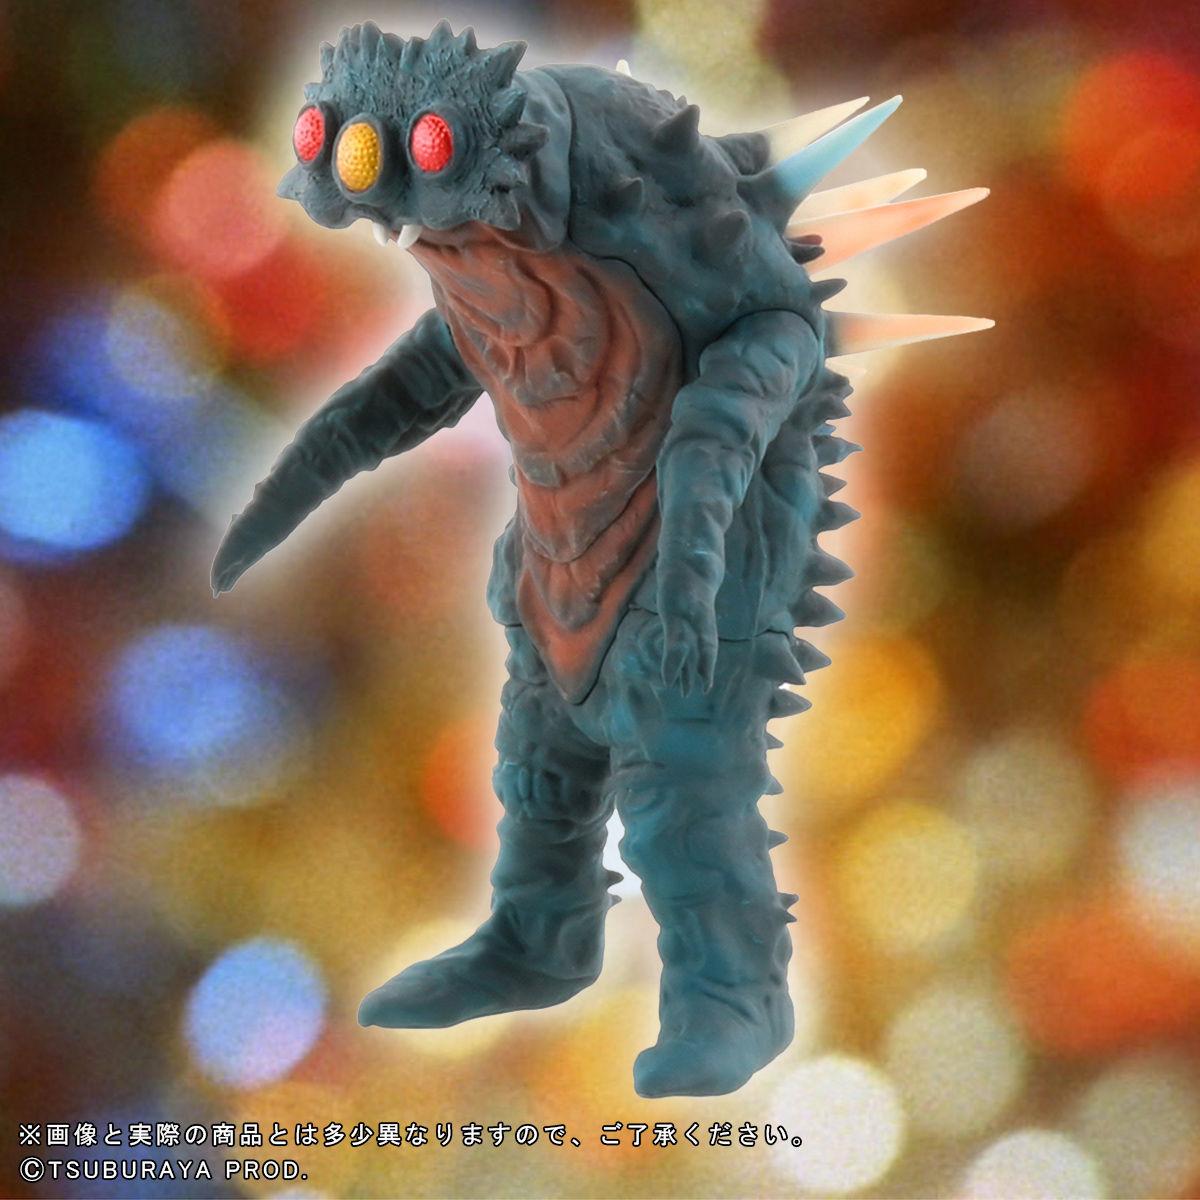 【限定販売】ウルトラ大怪獣シリーズ5000『ビーコン/ギラドラス』完成品フィギュア-005